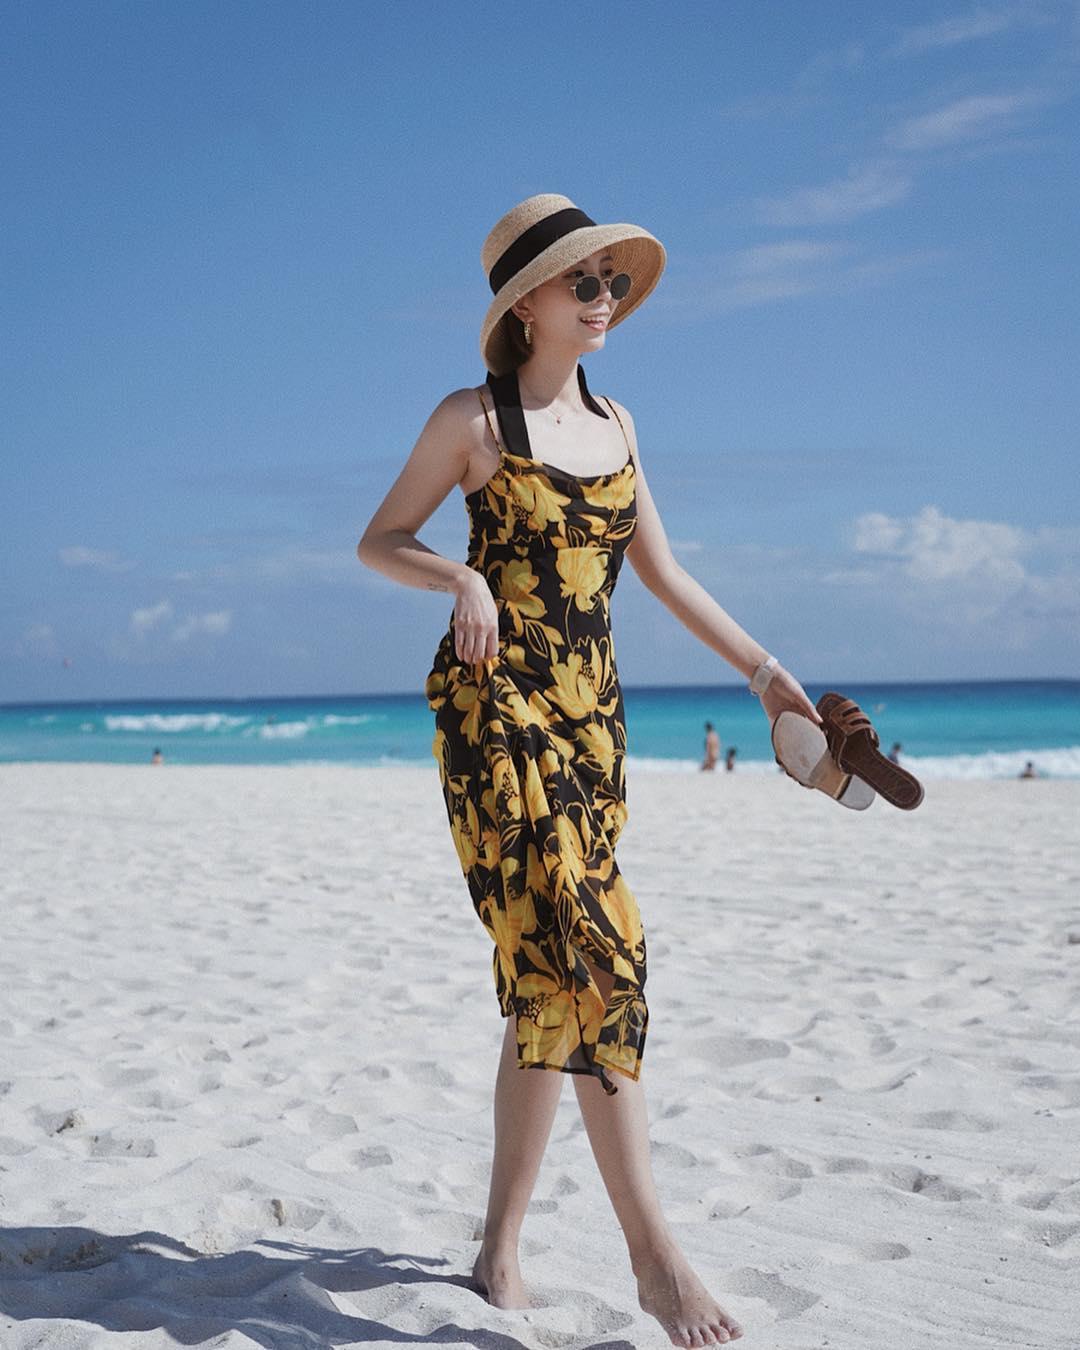 Đầm hai dây in hoa màu đen và mũ cói đi biển